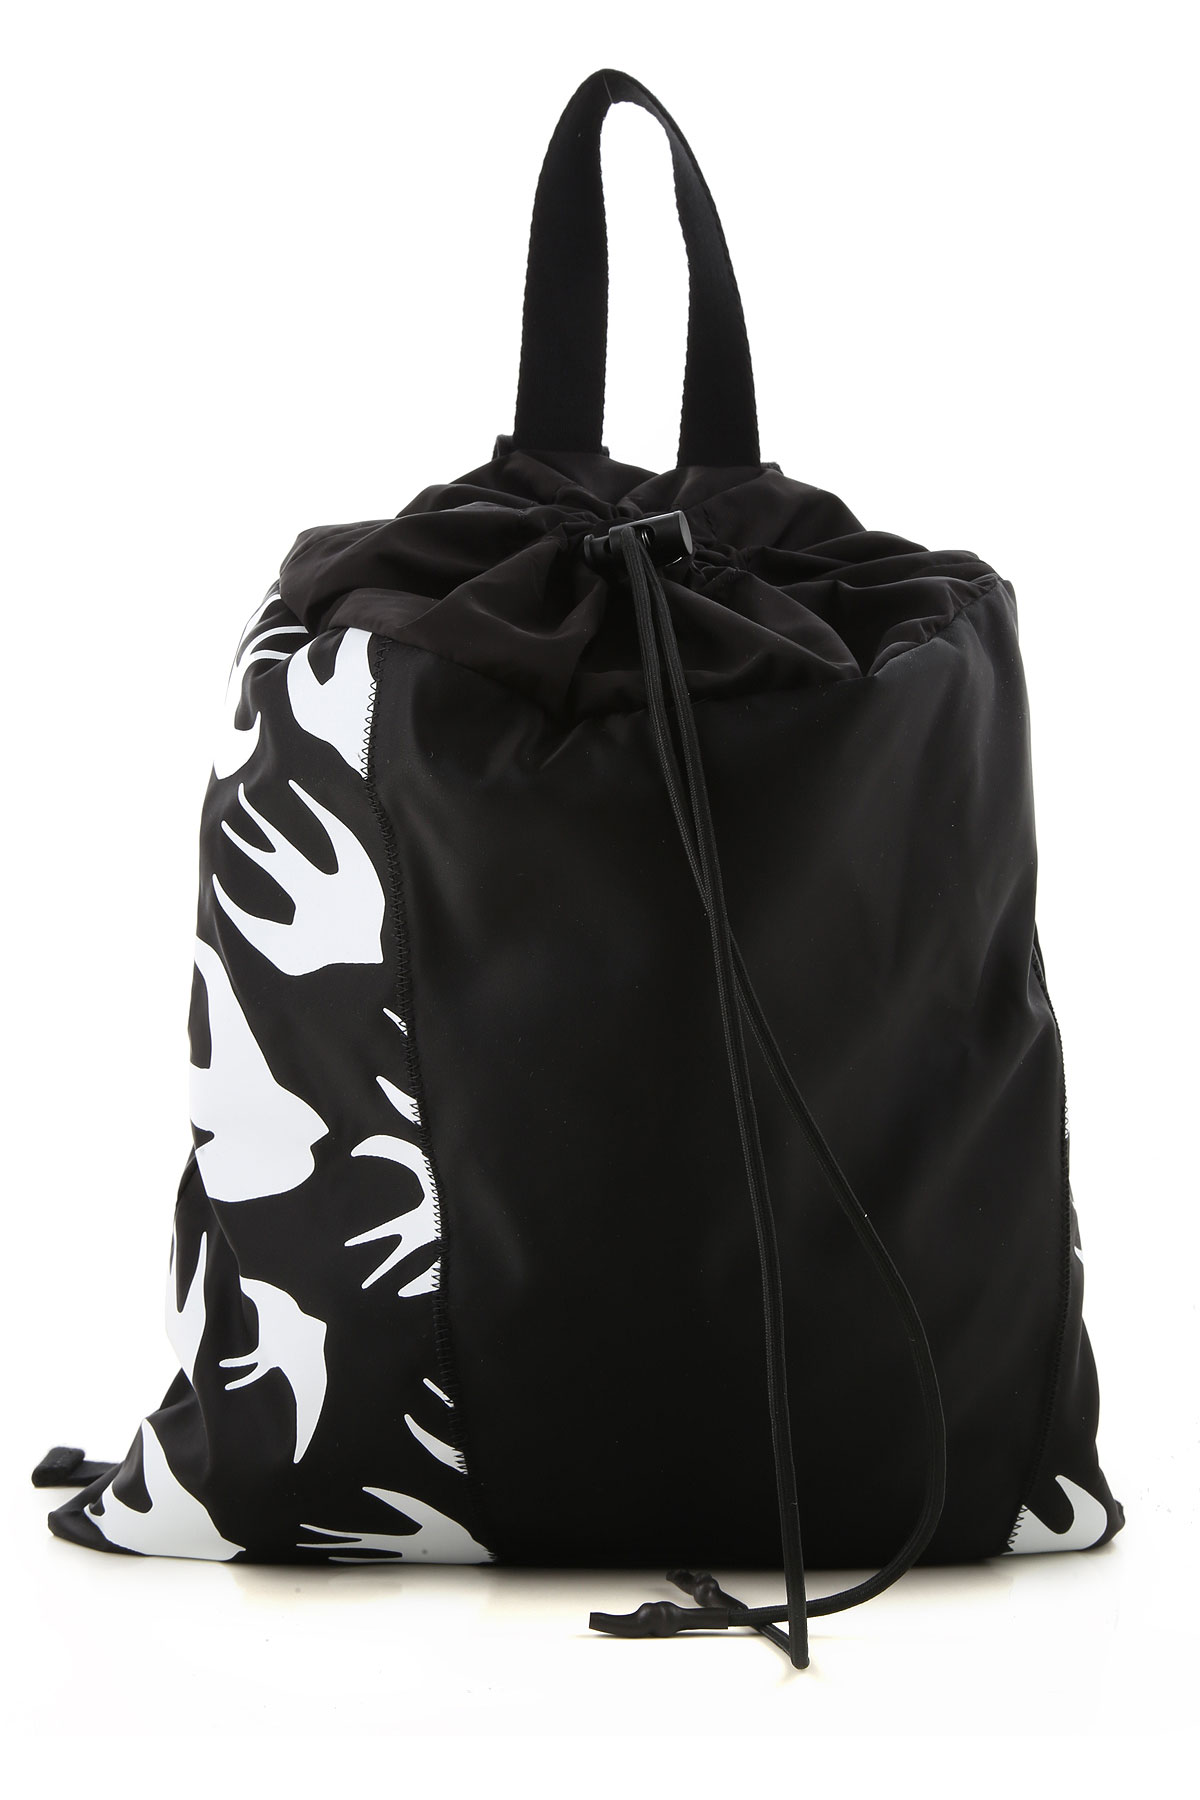 Alexander McQueen McQ Backpack for Men On Sale, Black, Nylon, 2019